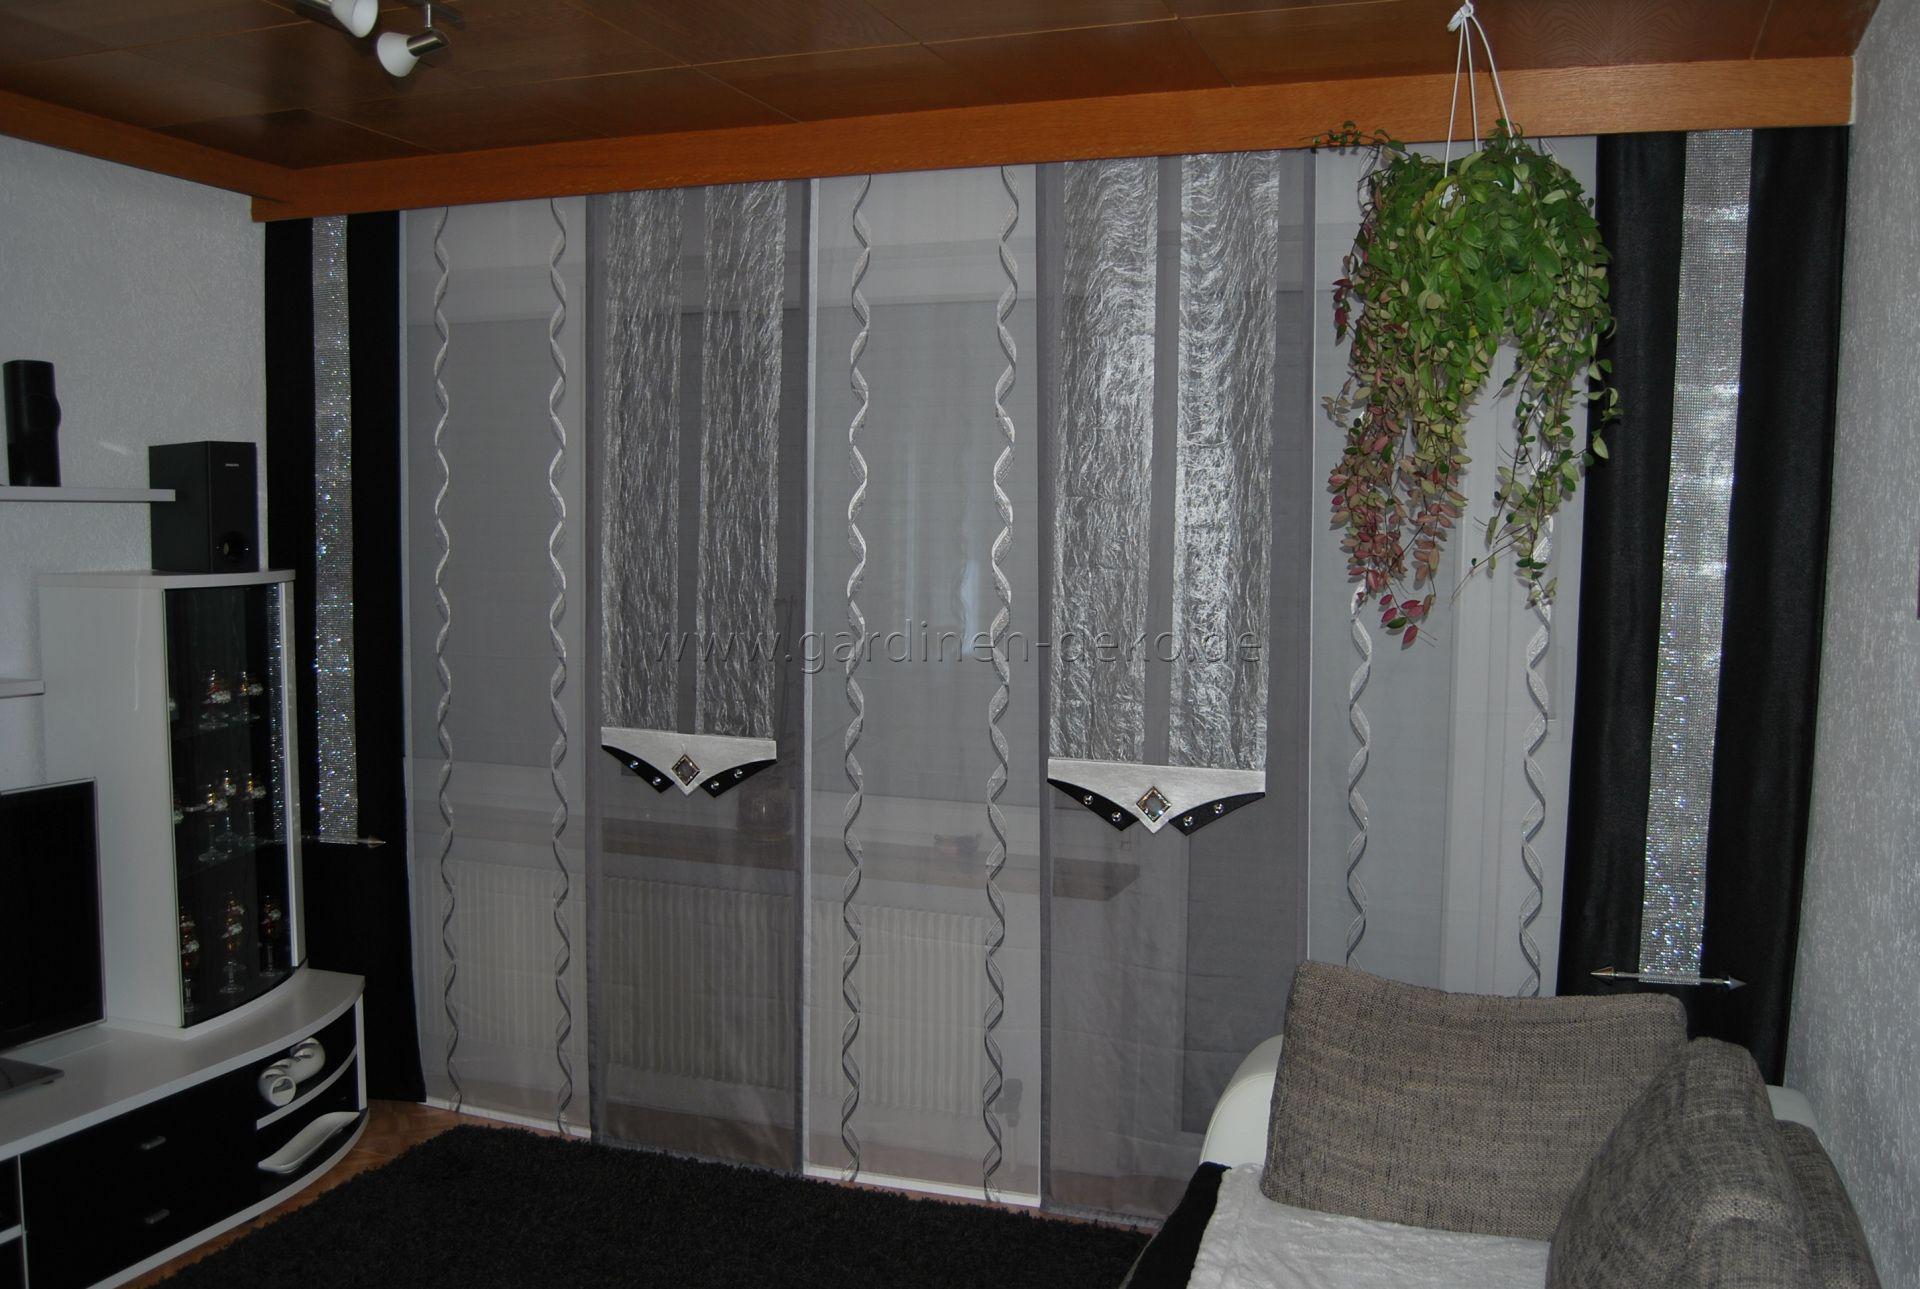 übergardinen wohnzimmer ~ Wohnzimmer schiebevorhang in weiß silber und grau mit dunklen